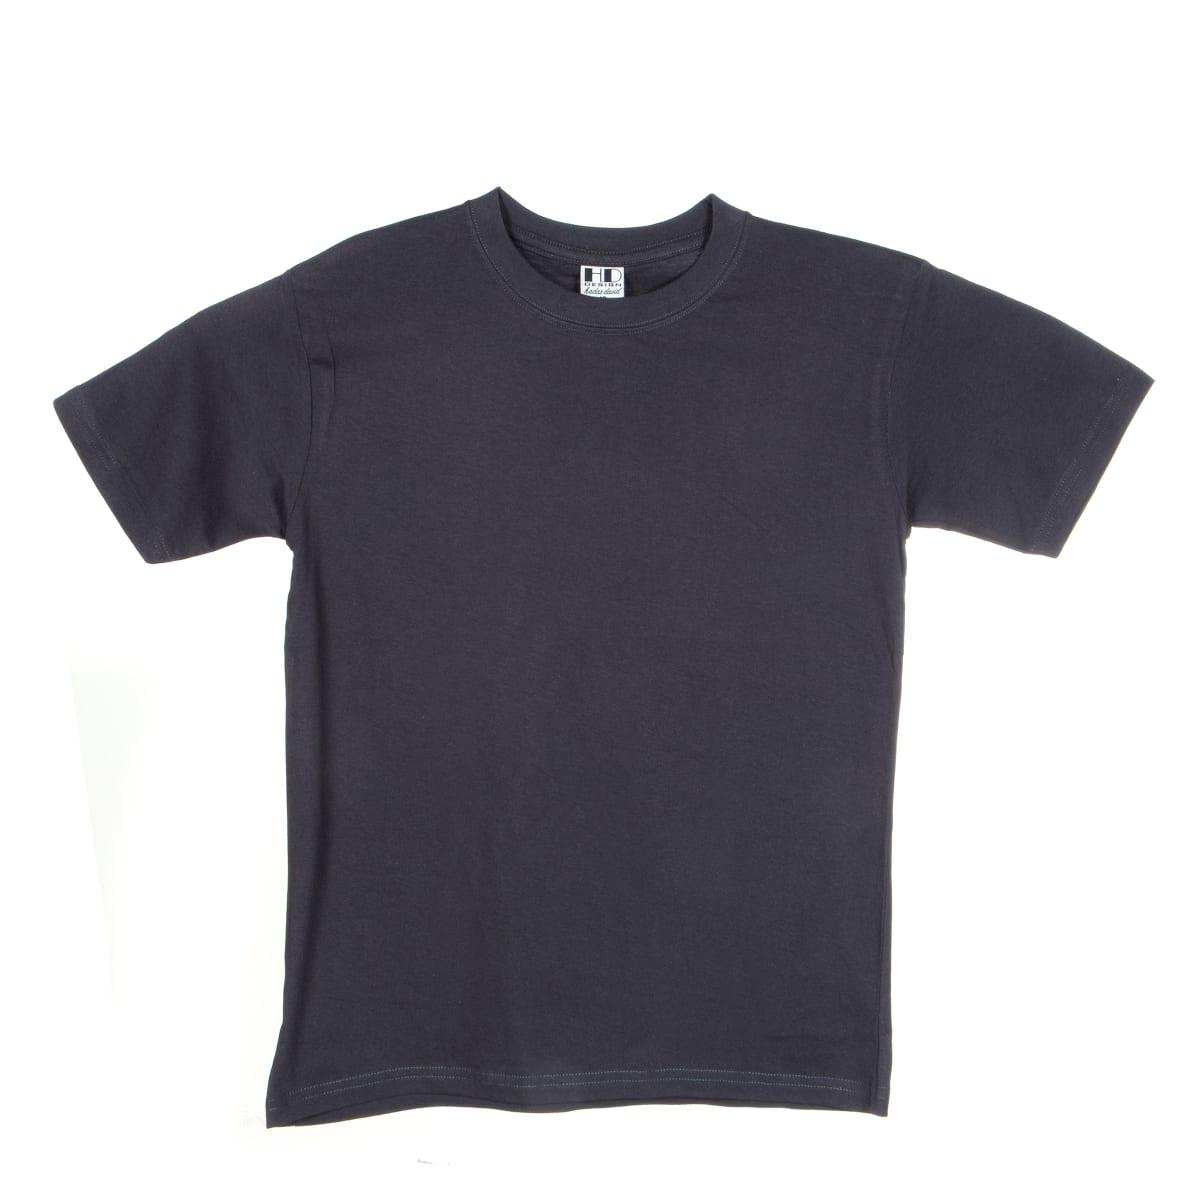 הדפסה על חולצה   חולצת כותנה   חולצות כותנה   חולצת כותנה שחורה